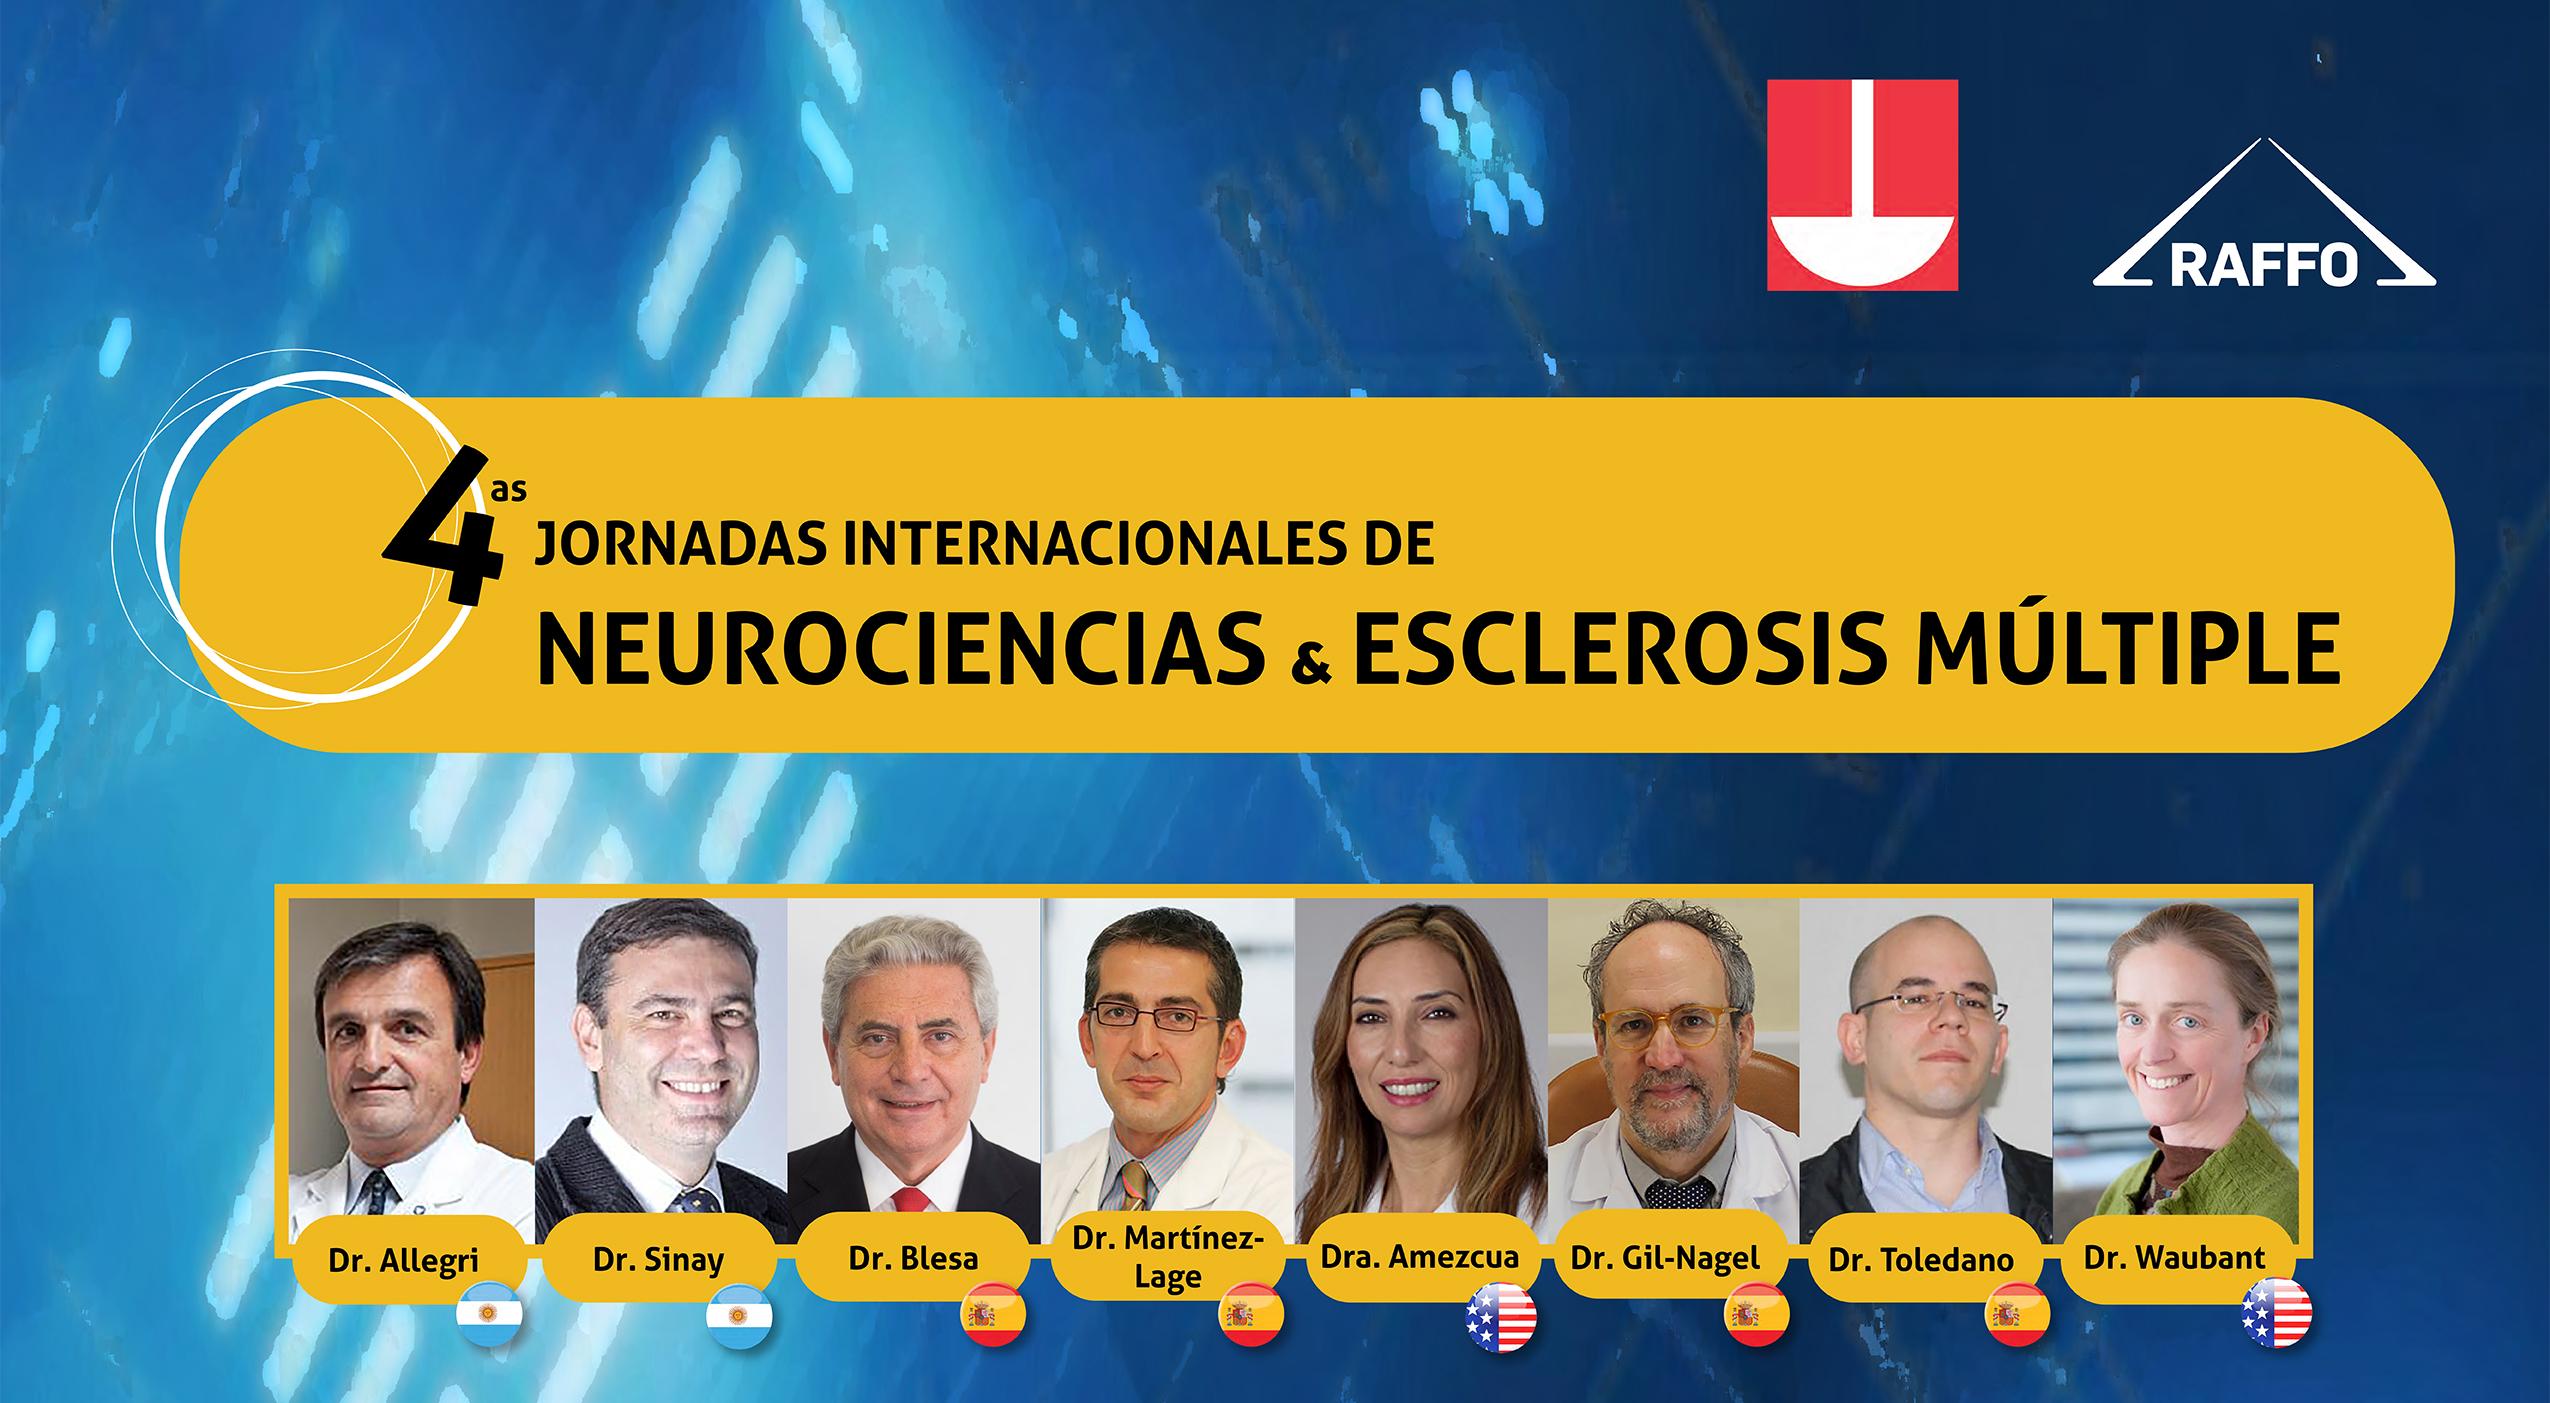 4as Jornadas Internacionales de Neurociencias y Esclerosis Múltiple